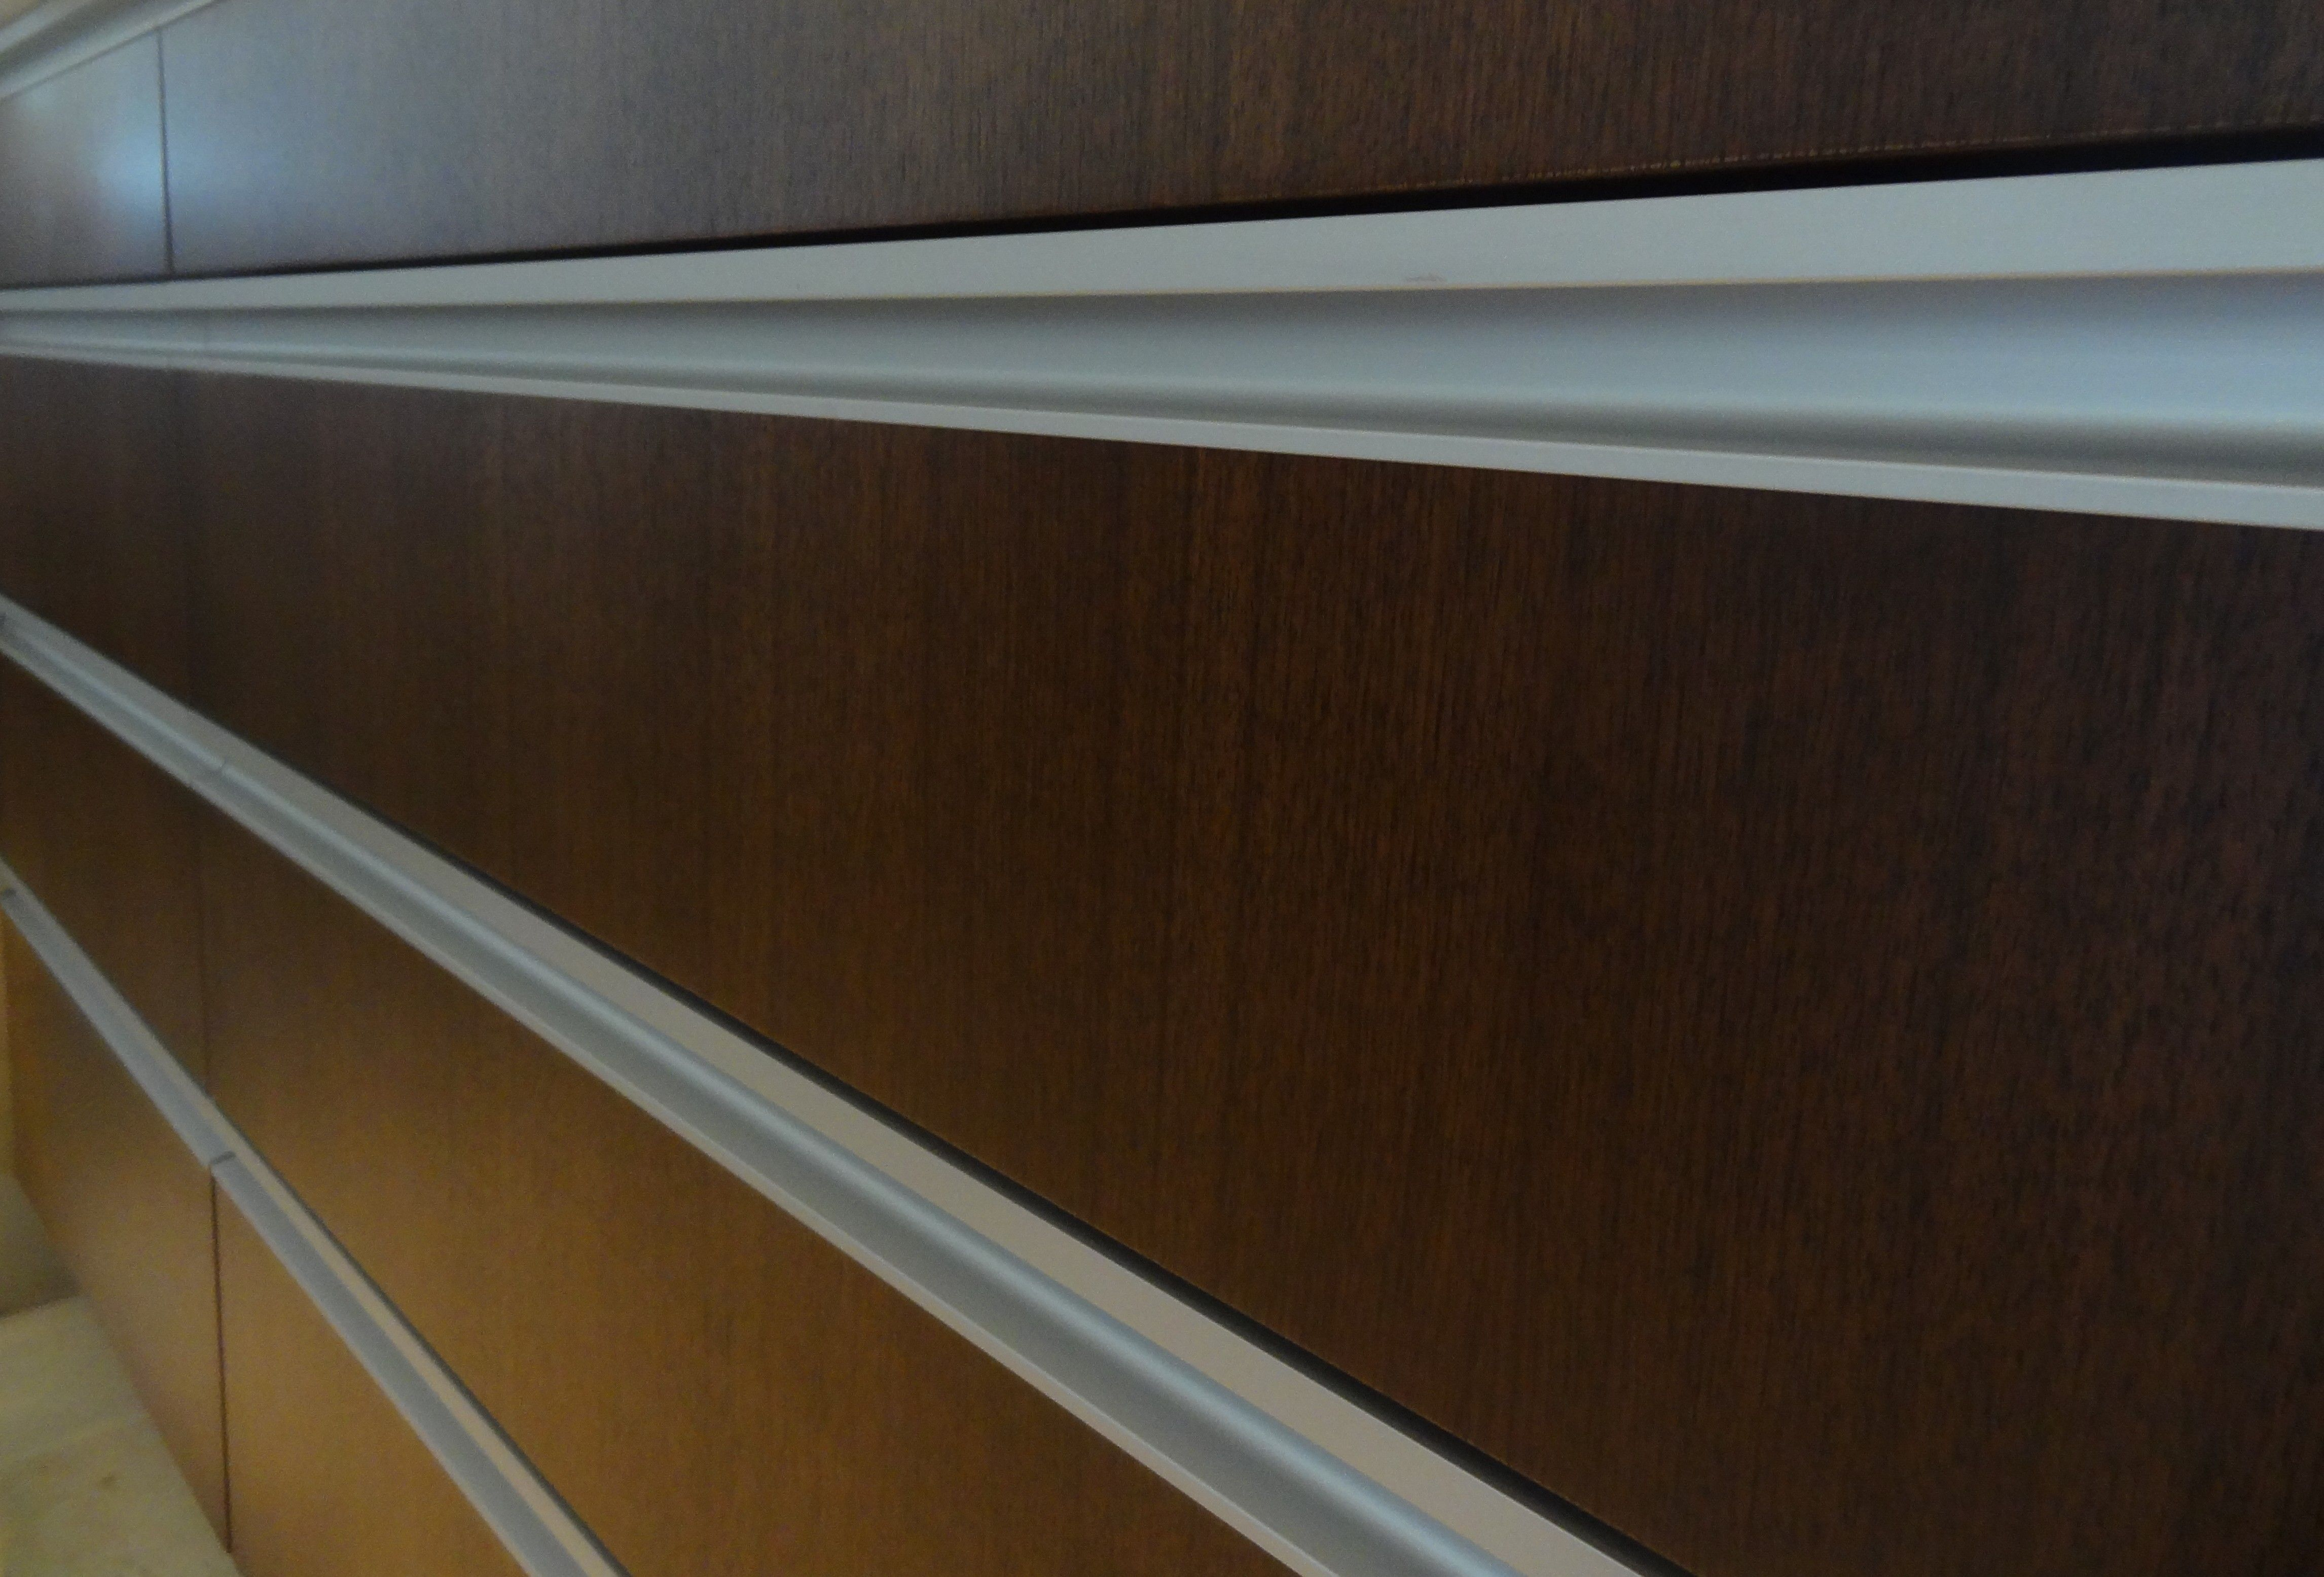 Continuous Pull Handles Aluminum Glass Cabinet Doors Drawer Pulls Kitchen Cupboard Handles Kitchen Door Handles